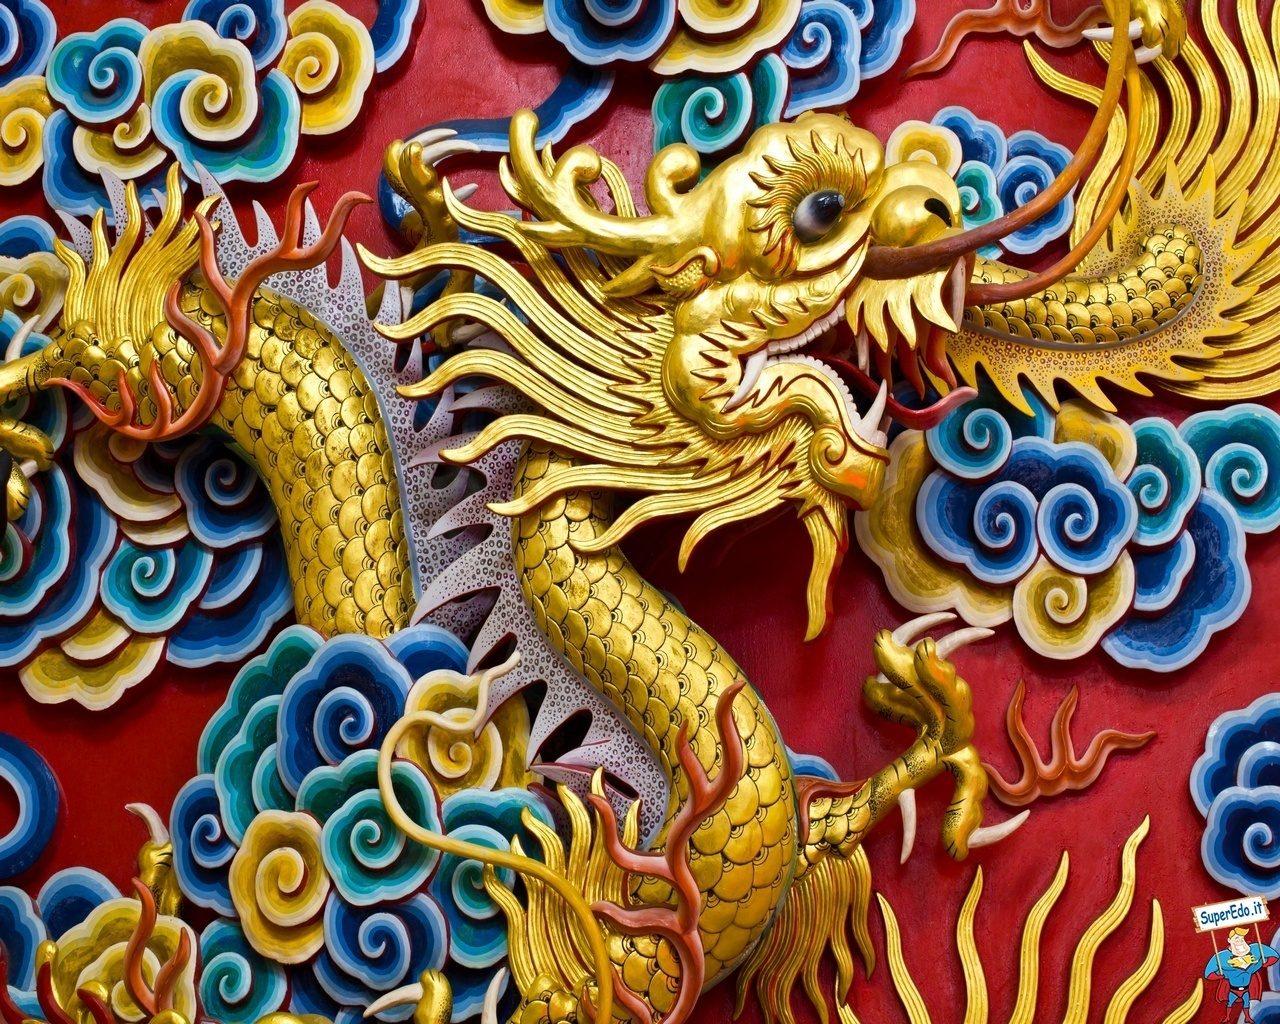 immagini di draghi cinesi